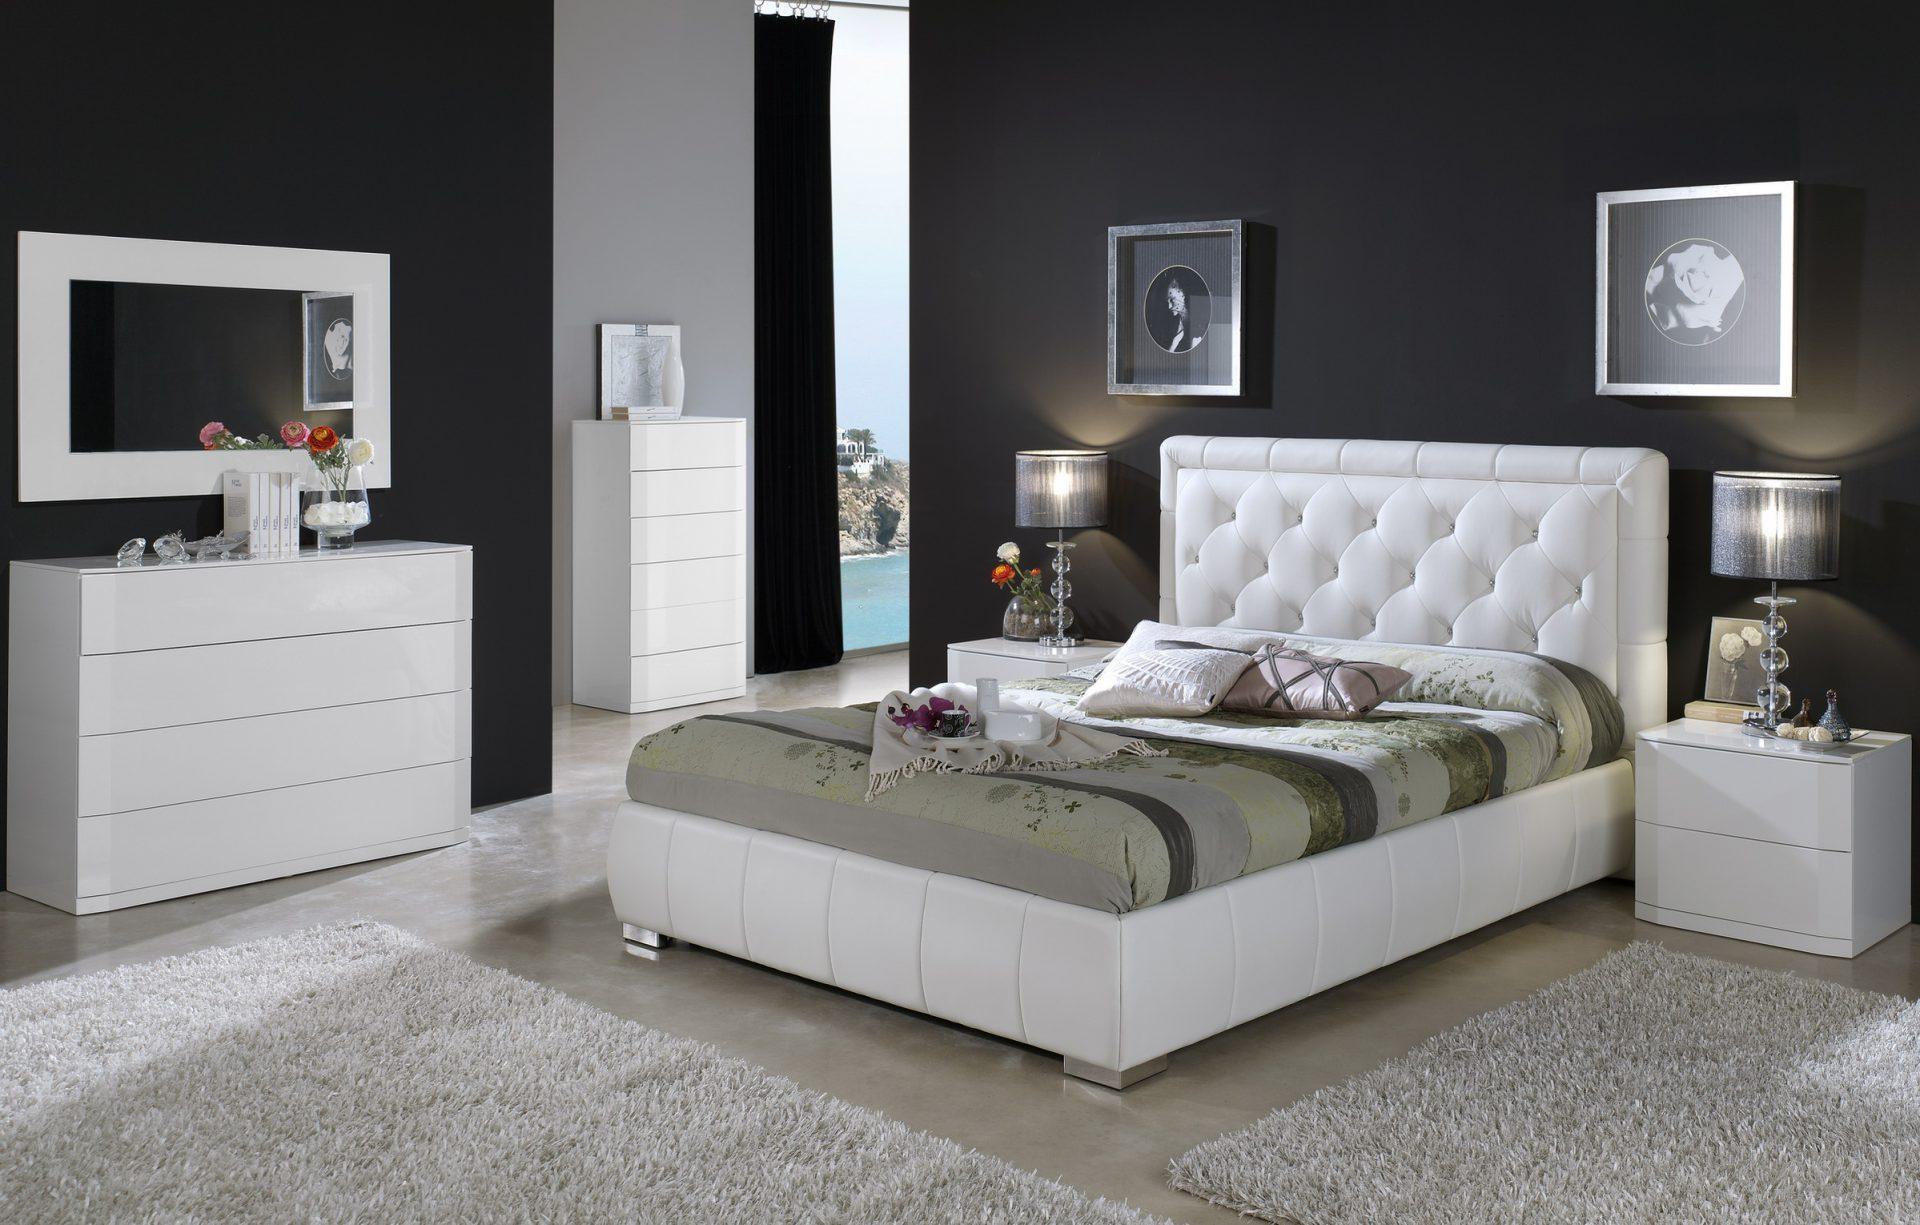 летом спальня белая кожанная кровать Эта позиция сходна